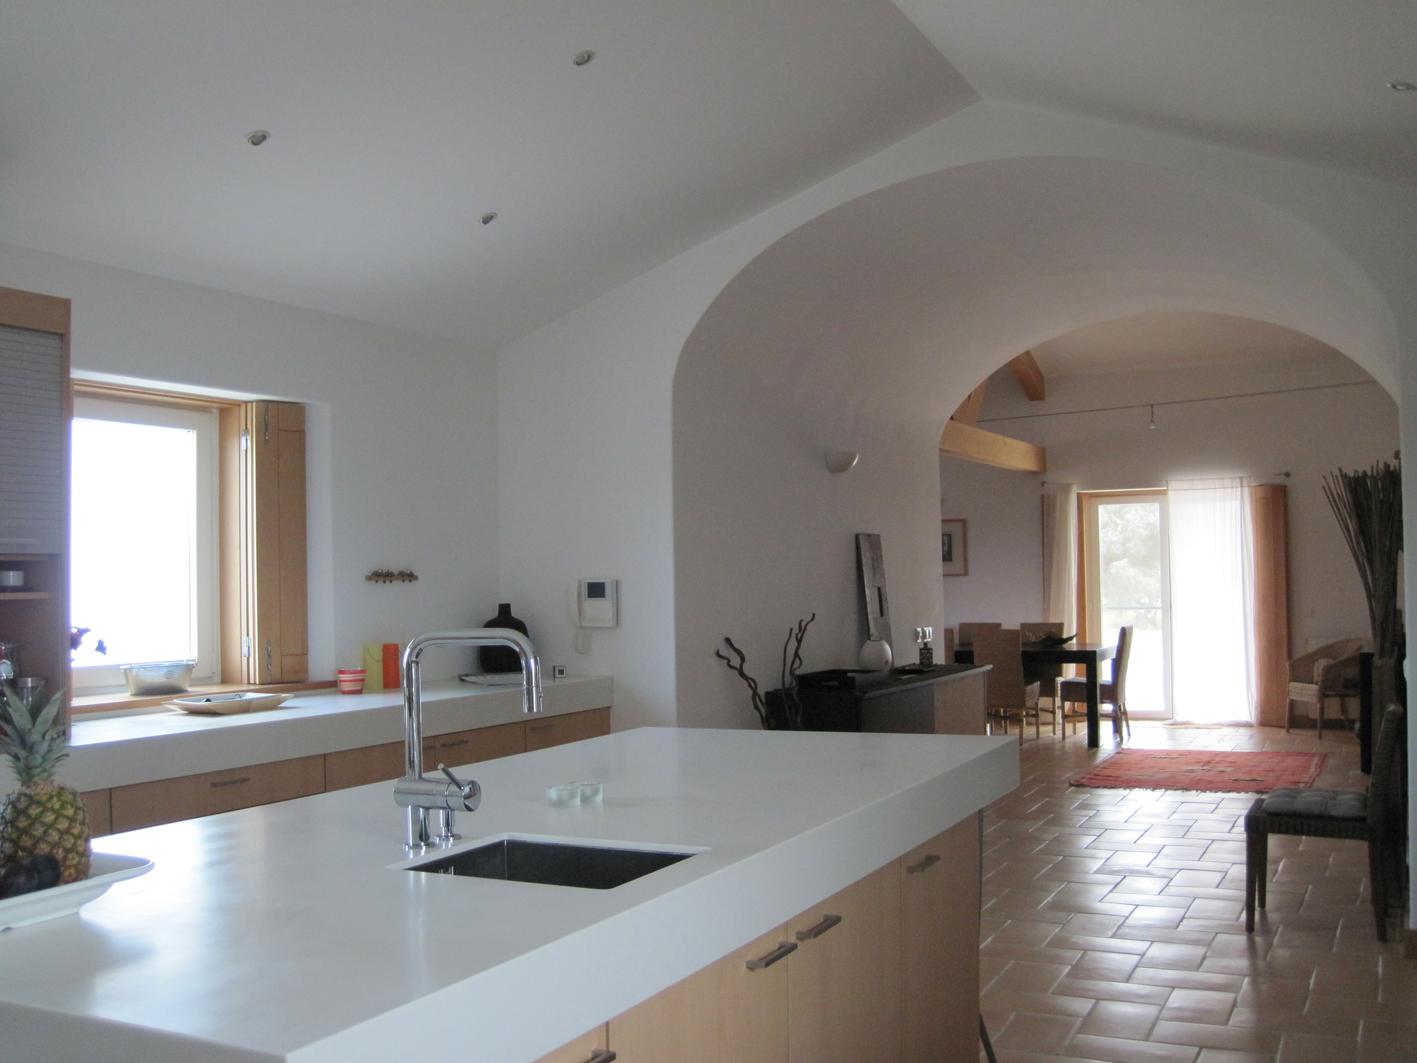 27-cozinha